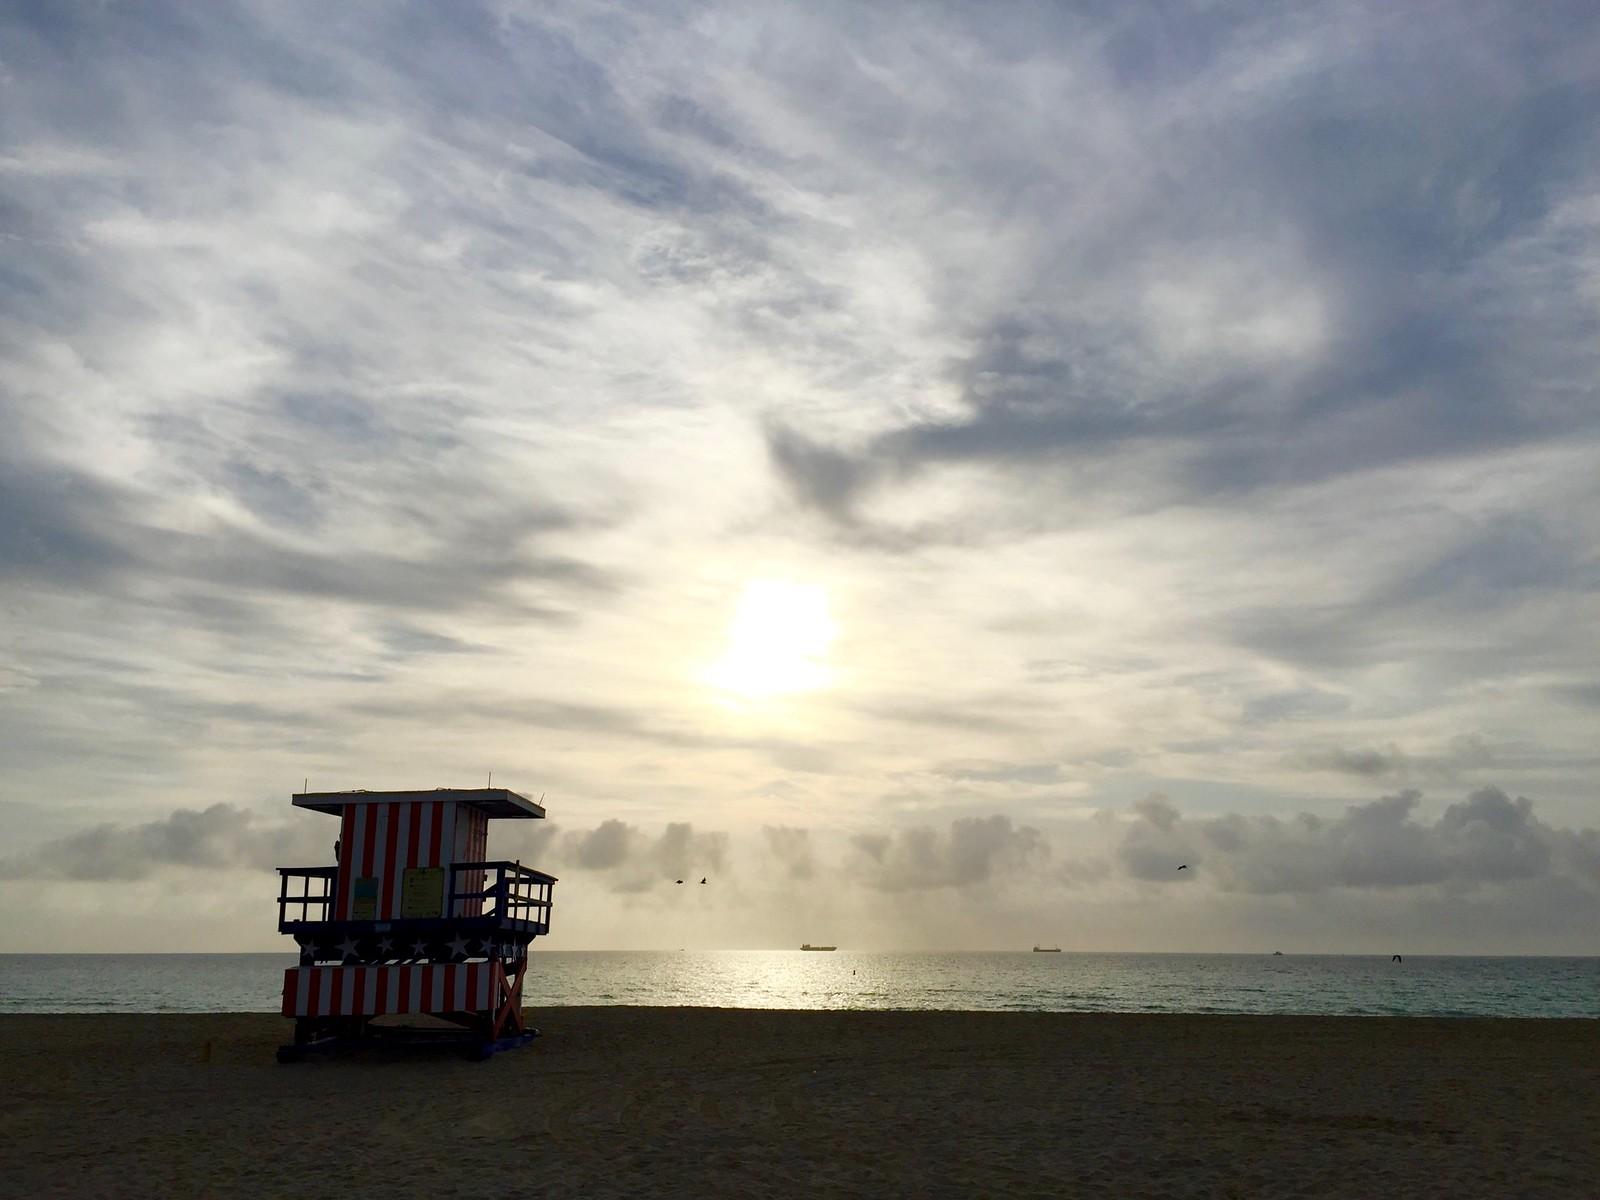 Miami Florida 25th 17